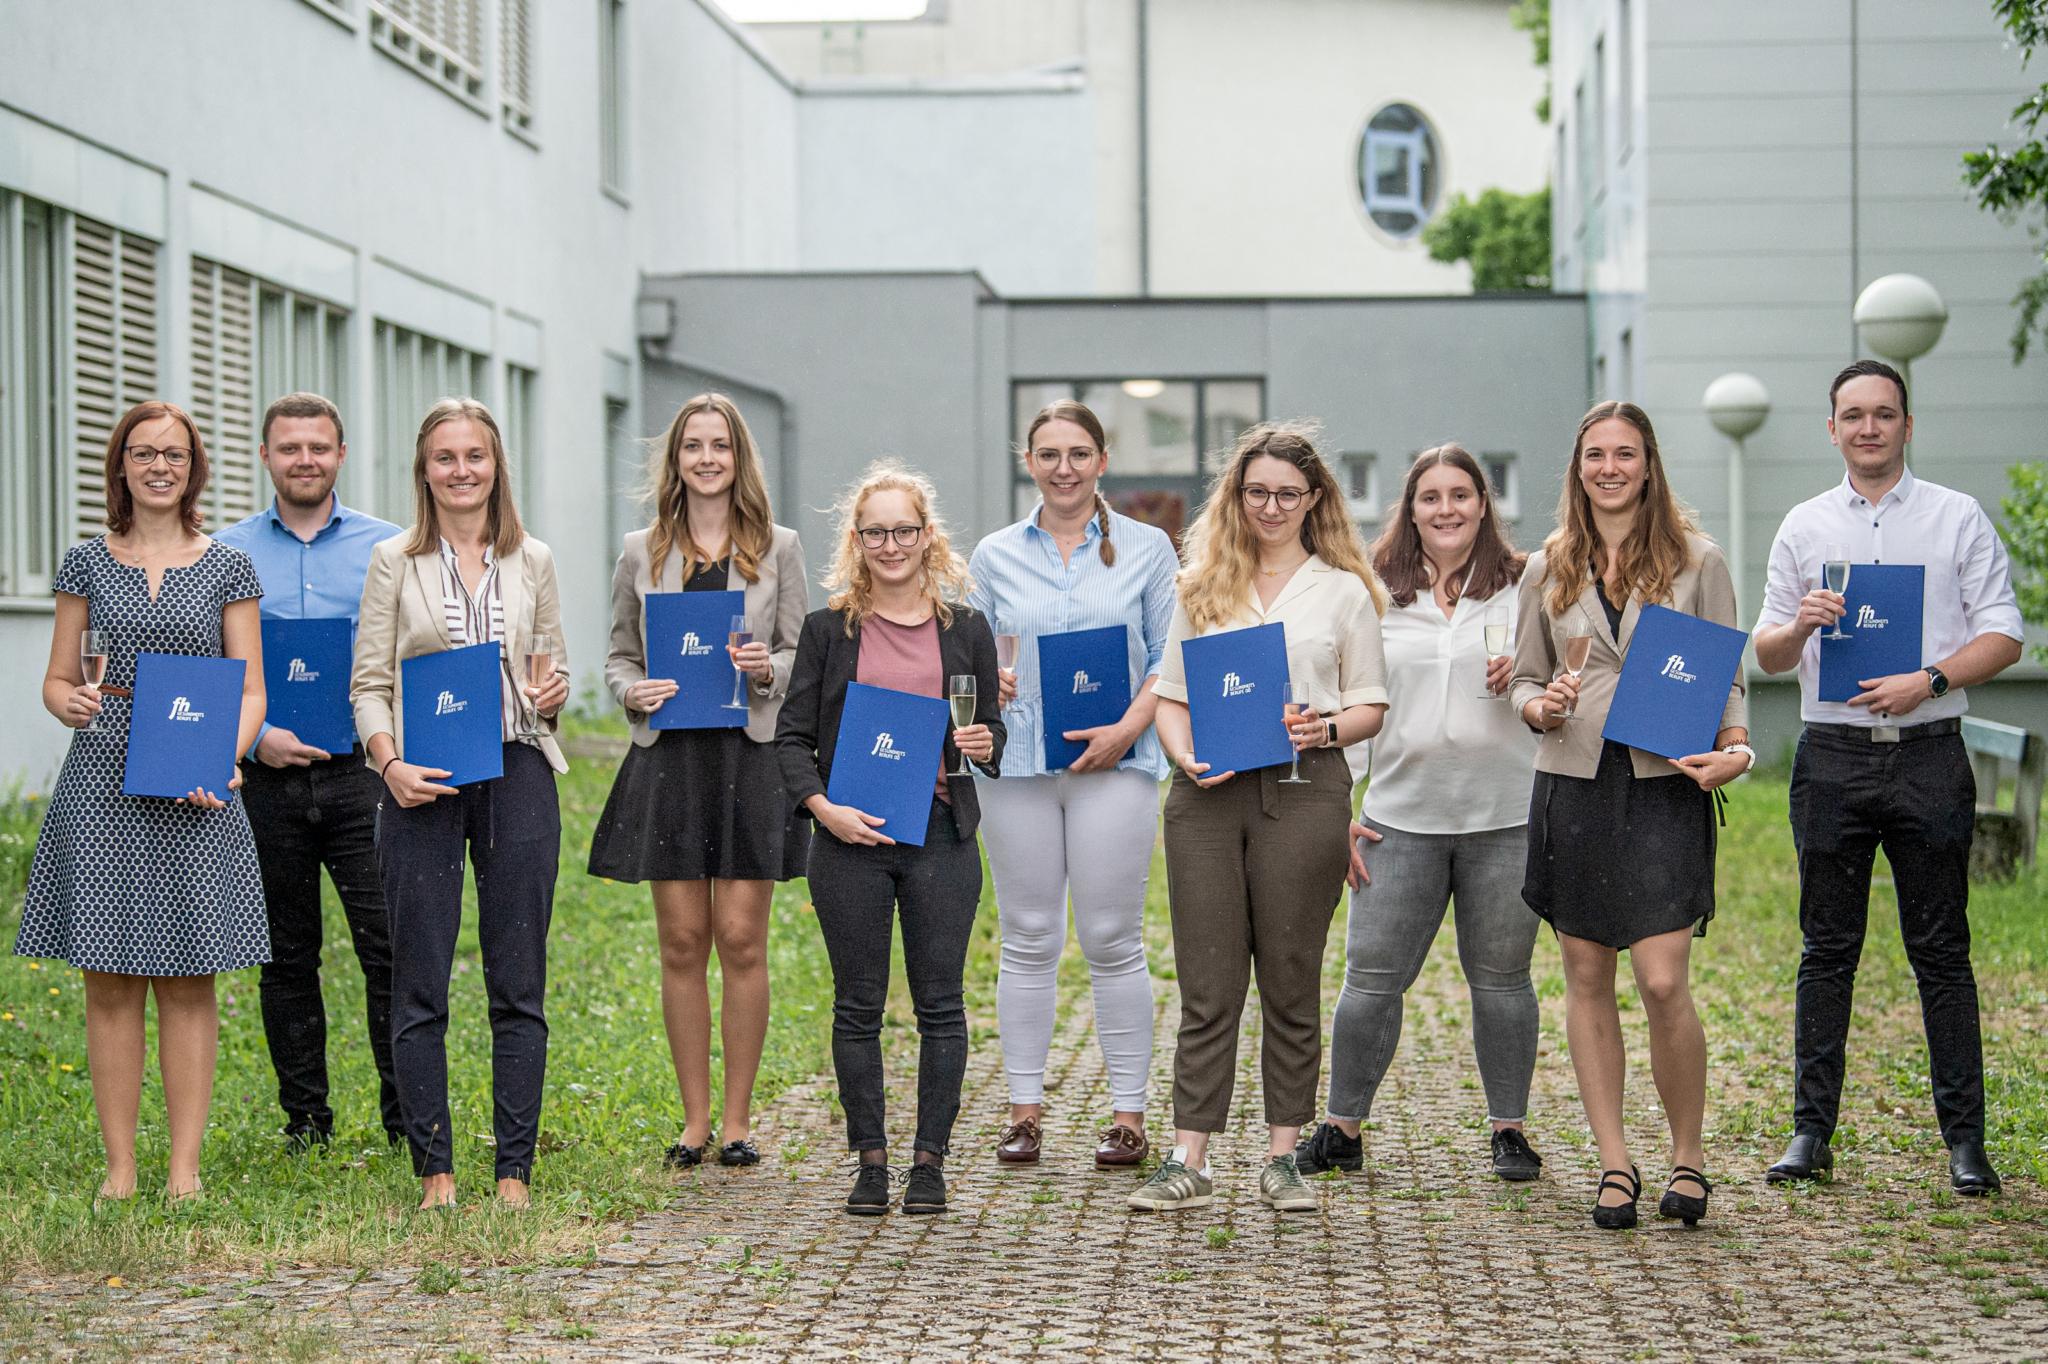 Sponsion des Studiengangs Radiologietechnologie in Linz  (vergrößerete Ansicht in der Galerie)